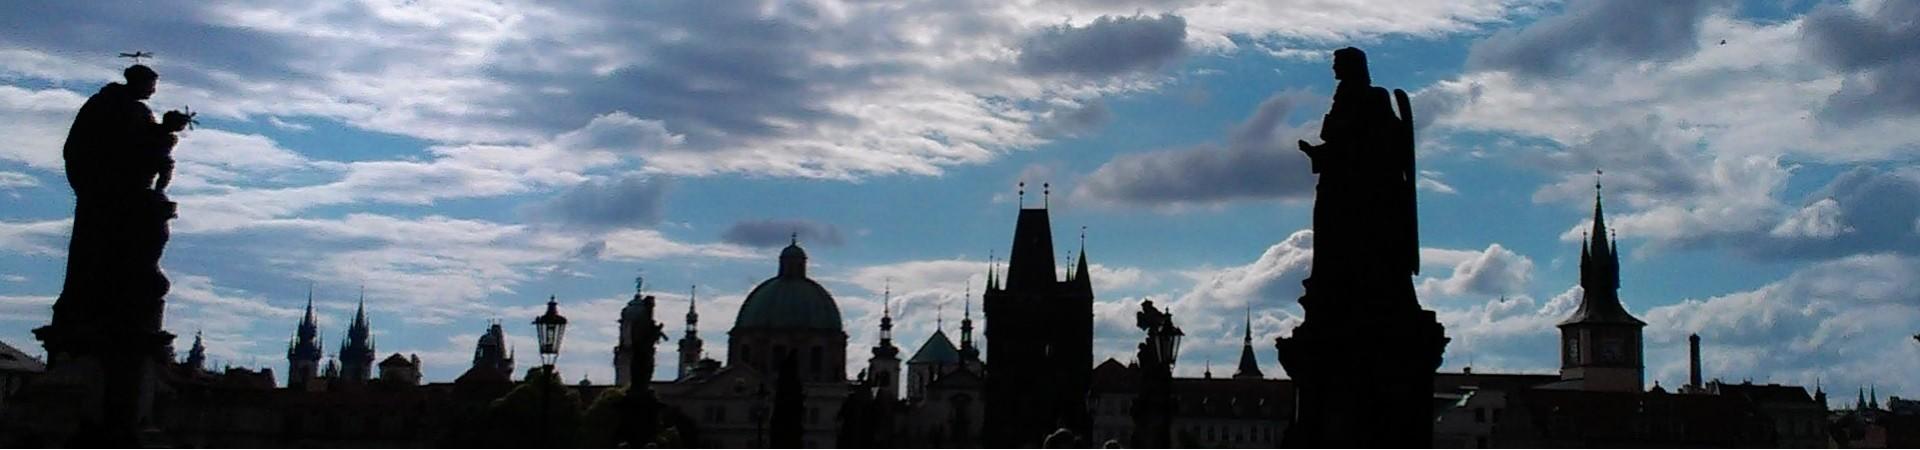 Zažijte vlastní dobrodružství v ulicích Prahy